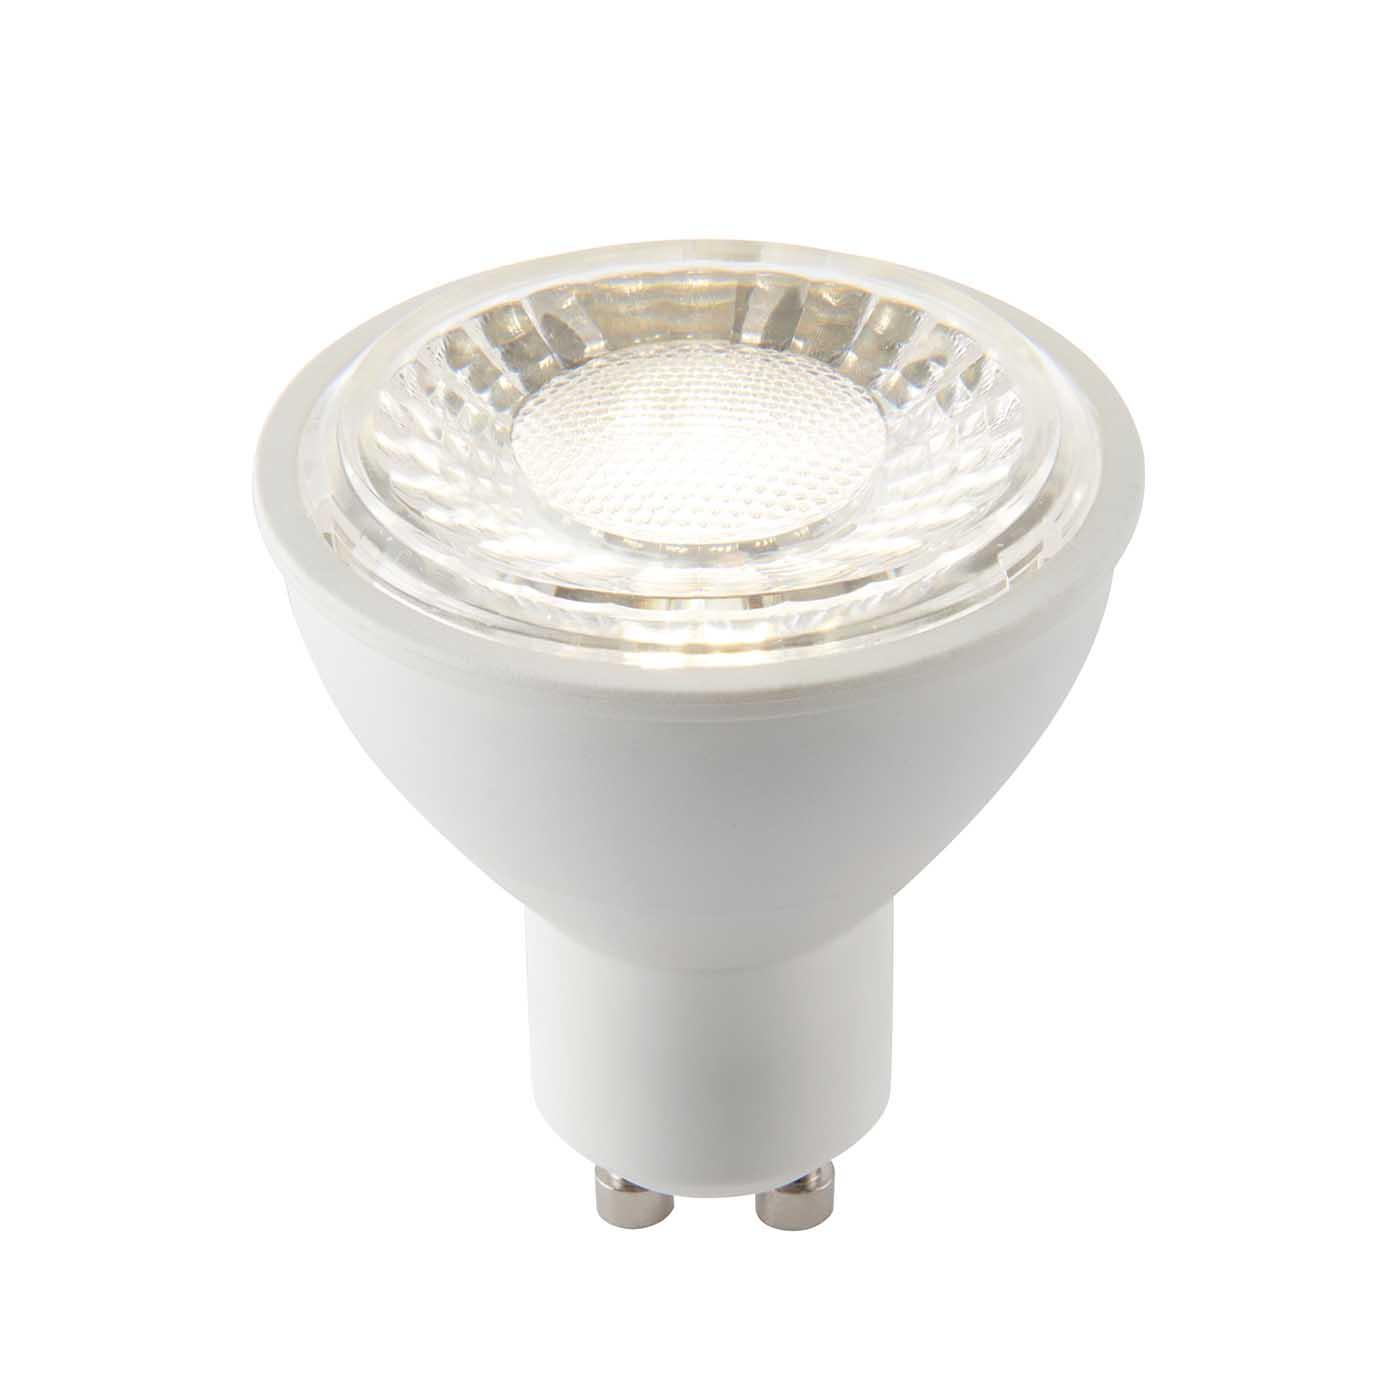 Saxby Gu10 Led Light Bulb Smd 6w Cool White 4000k Liminaires